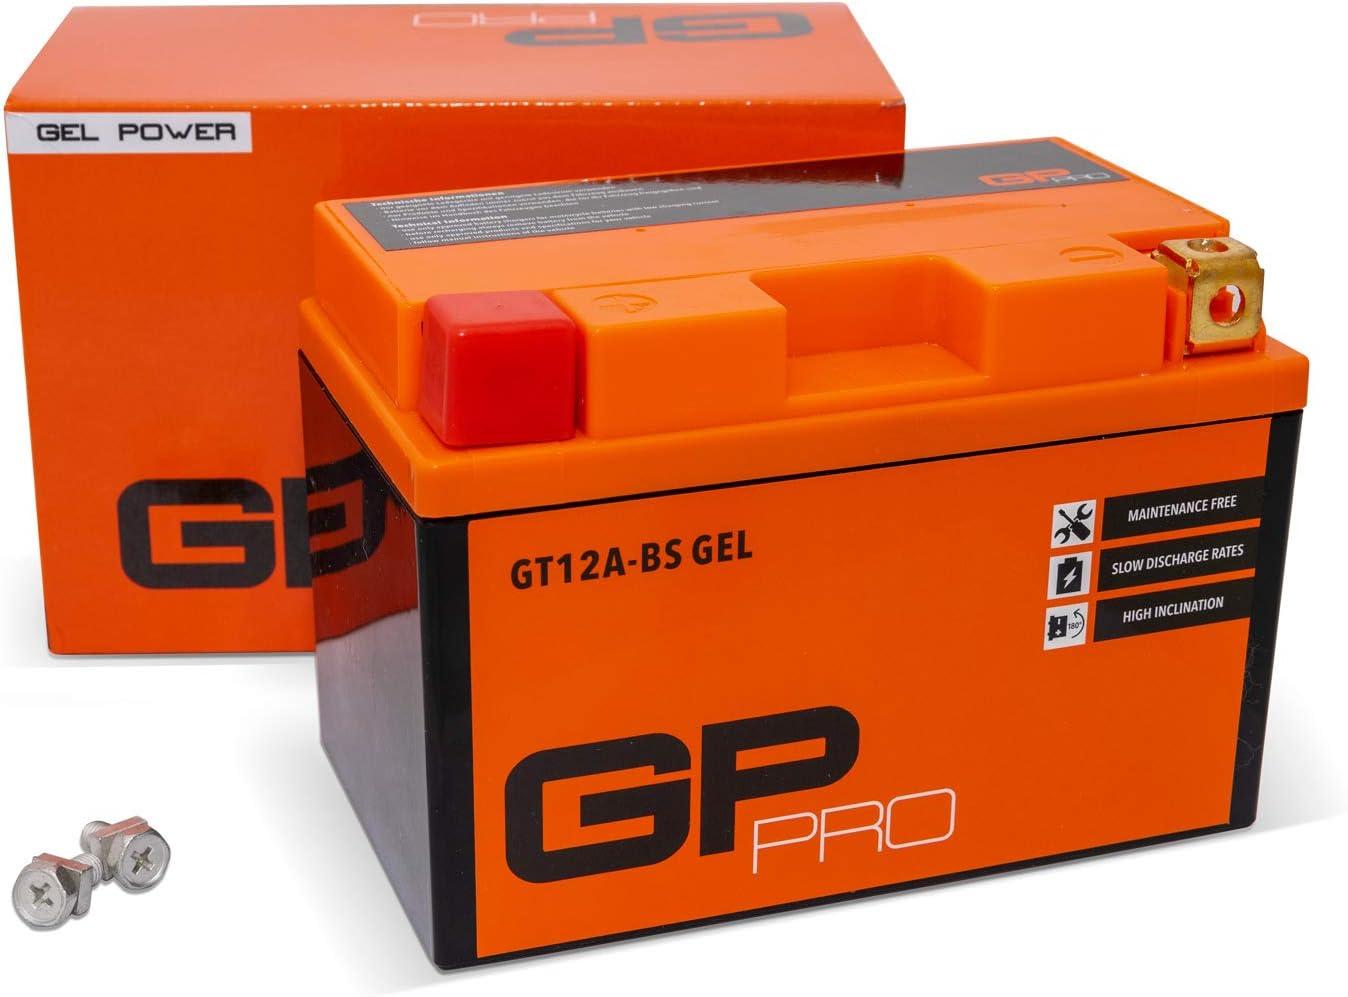 GP-PRO GT12A-BS 12V 10Ah GEL Batería de arranque (compatible con YT12A-BS / YTX12A-BS) (Sin necesidad de mantenimiento/Sellado) Moto Acumulador